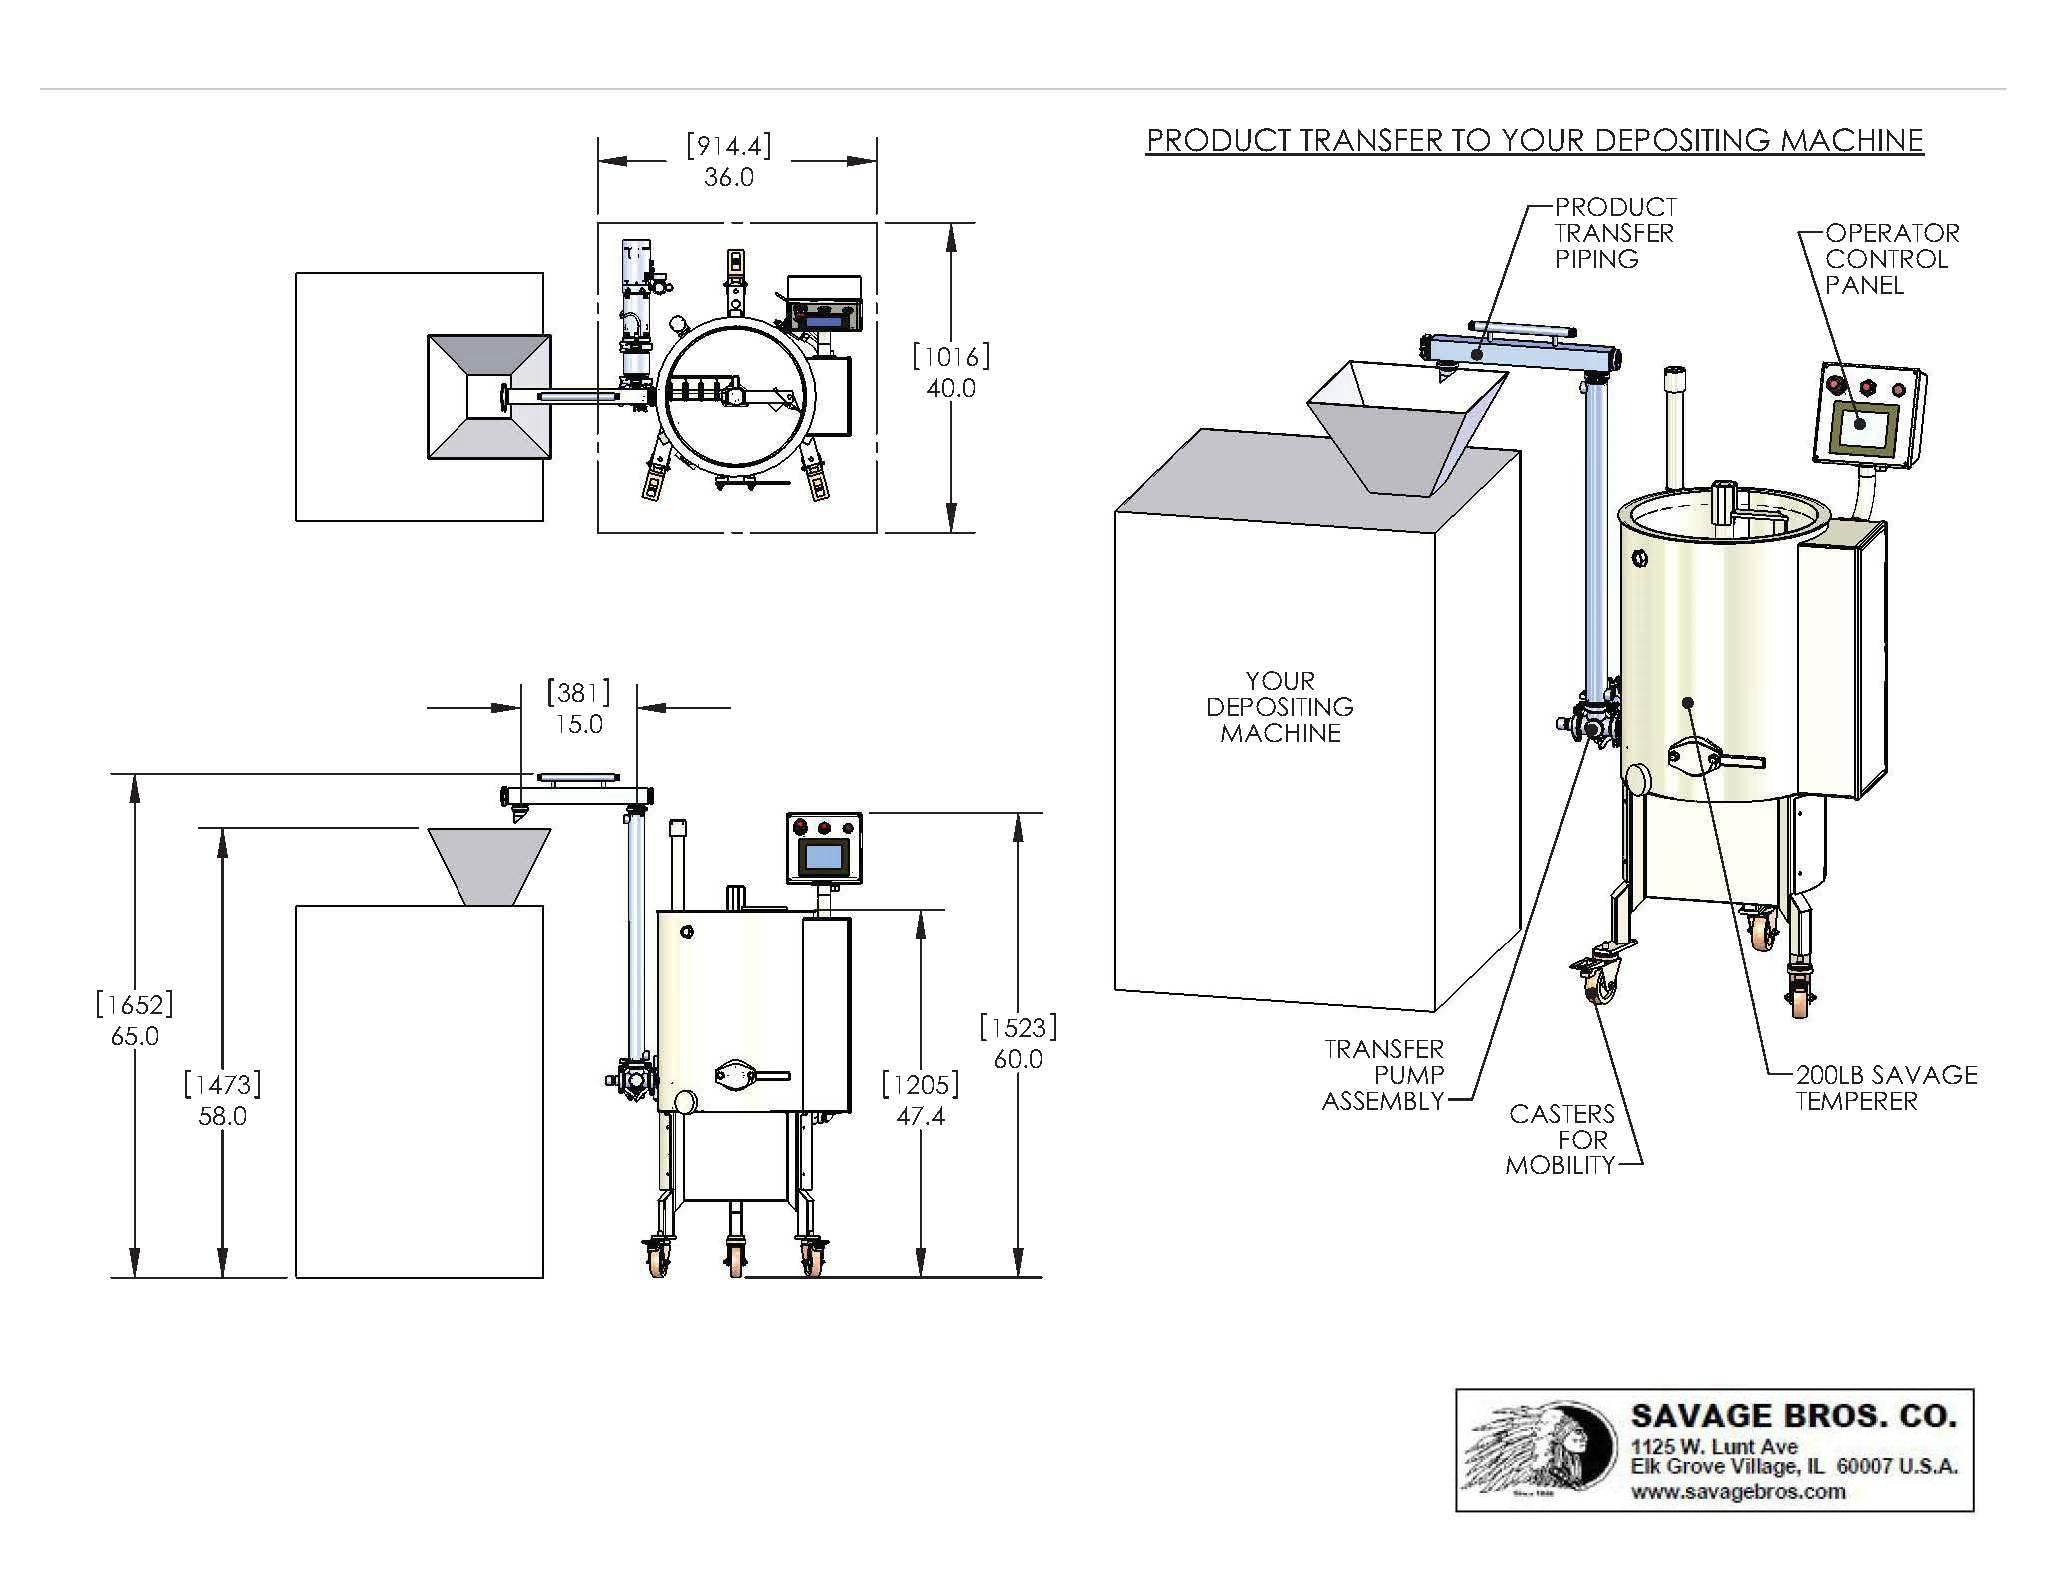 1975 ford duraspark wiring diagram ac motor circuit diagrams 702996 300ci l6 4 9l a